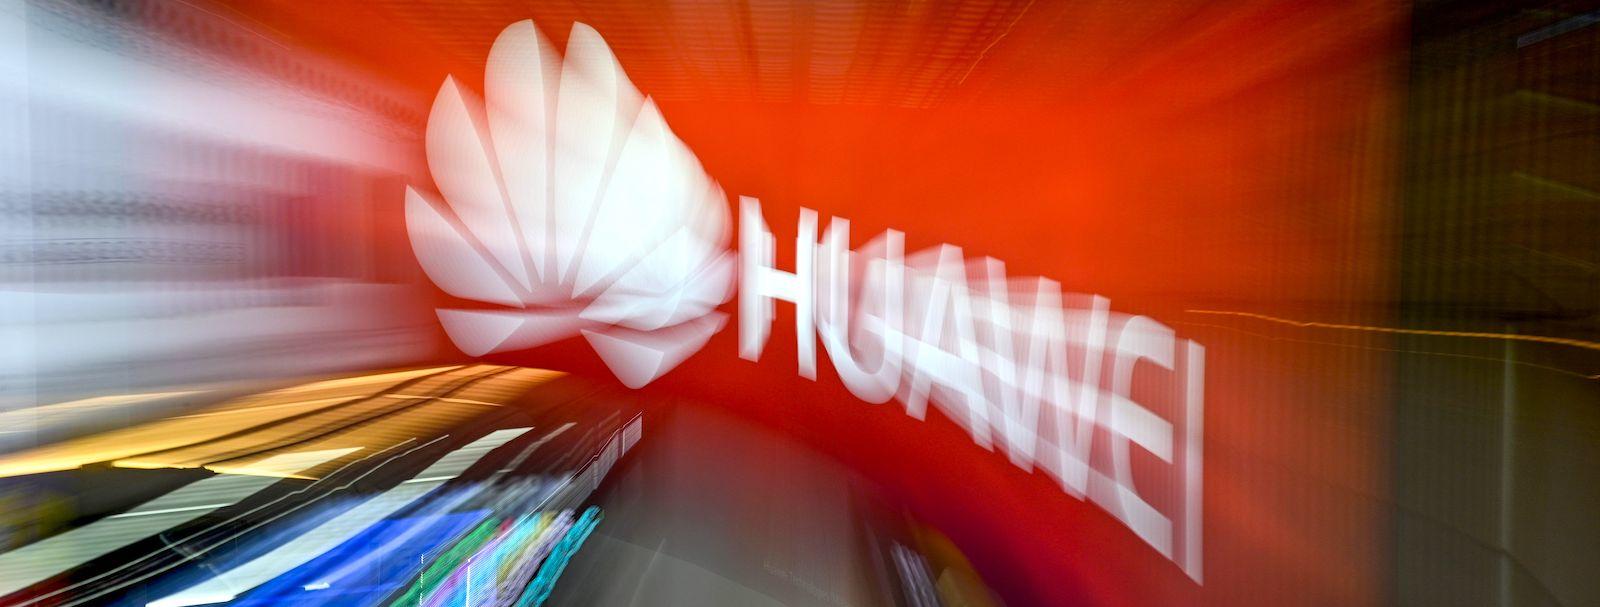 The logo of Chinese telecoms giant Huawei (Photo: Mohd Rasfan via Getty)